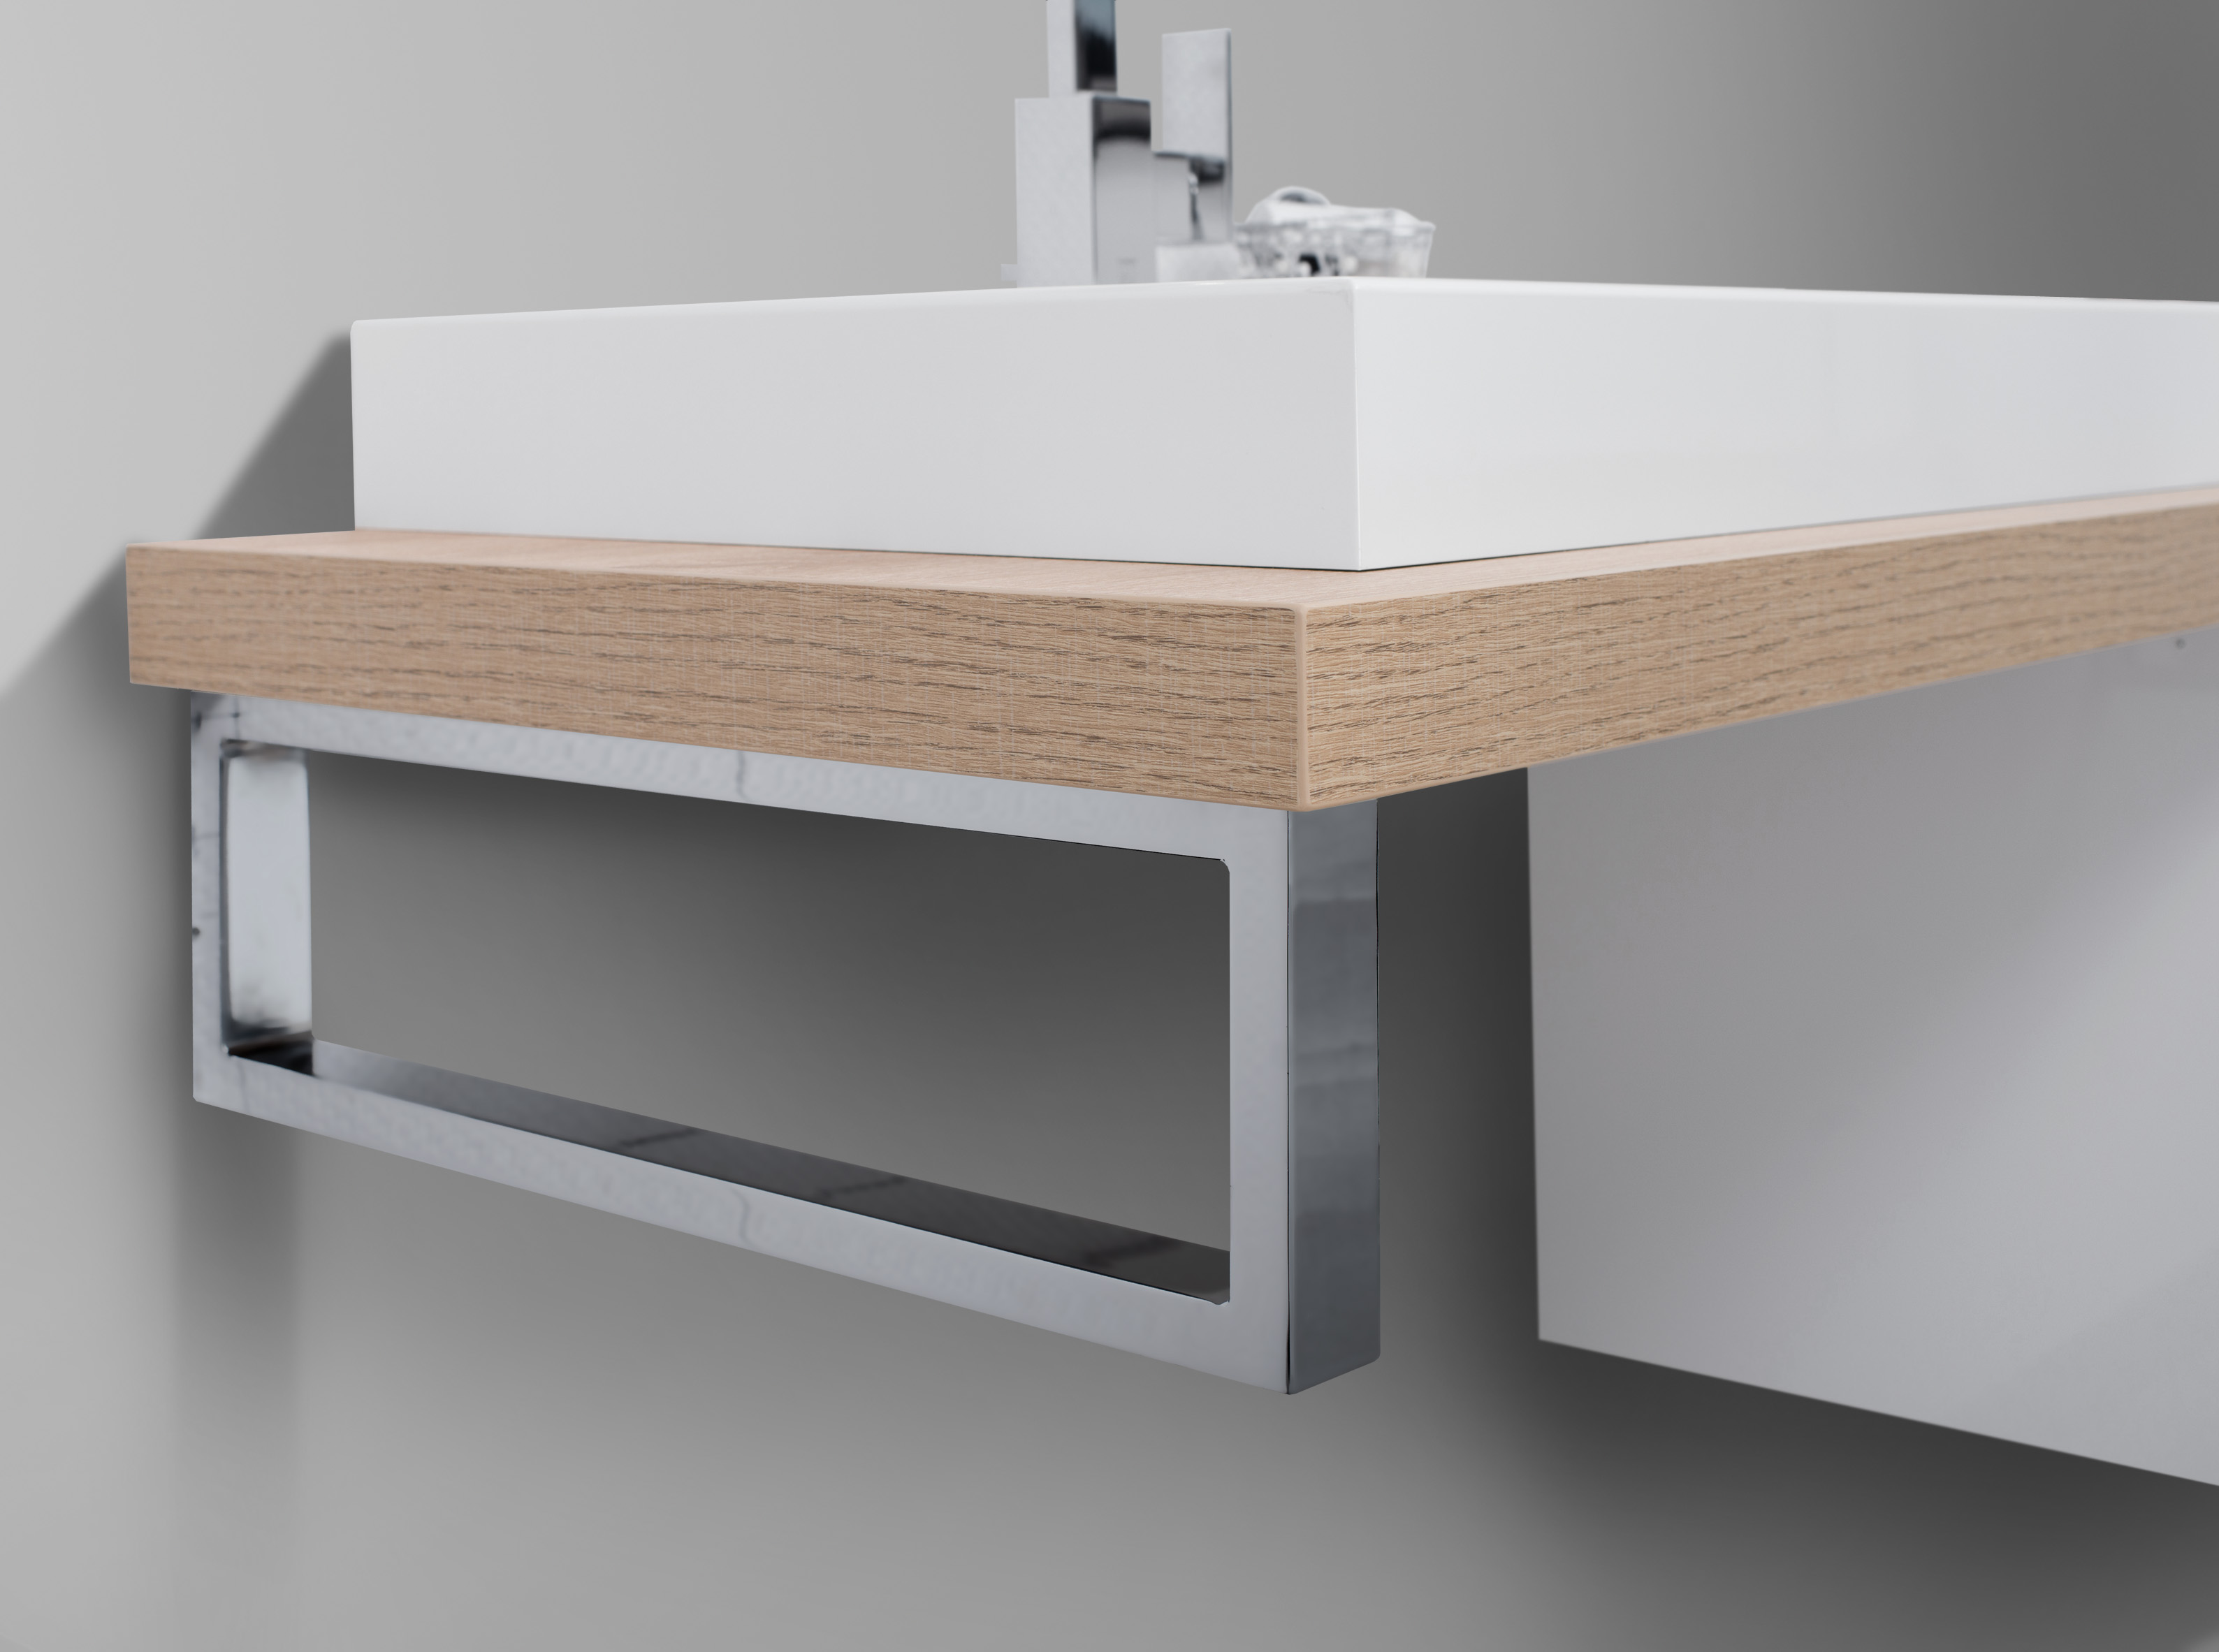 ... Konsole · Vorschau: Badmöbel Set Nach Maß Waschtischplatte, Waschtisch,  Unterschrank, Konsole